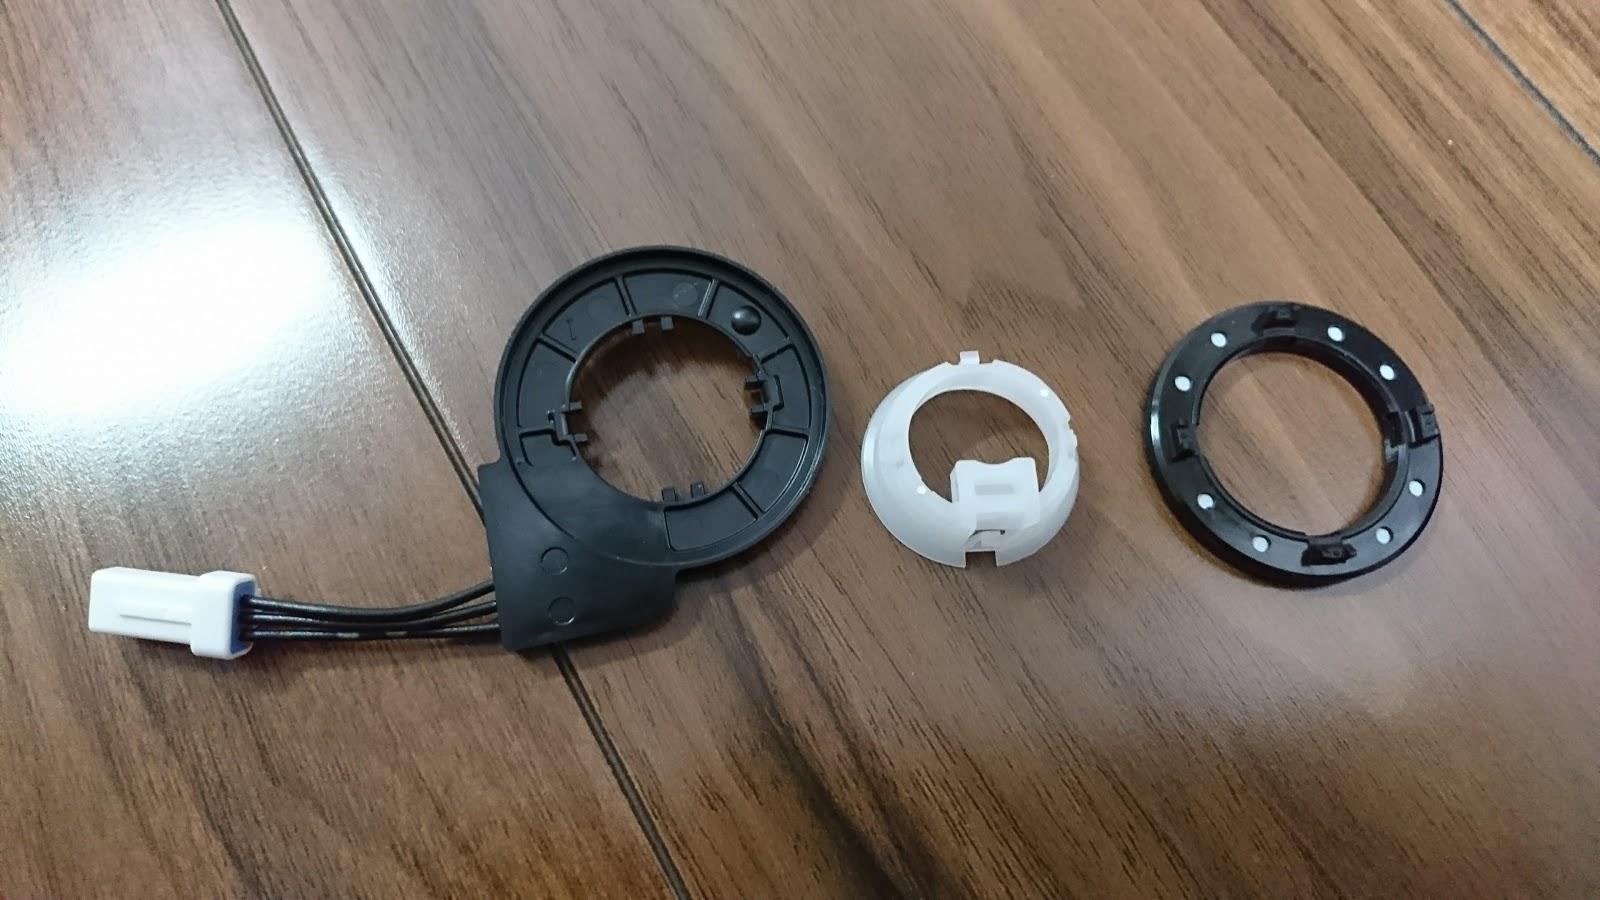 リミッター 電動 解除 自転車